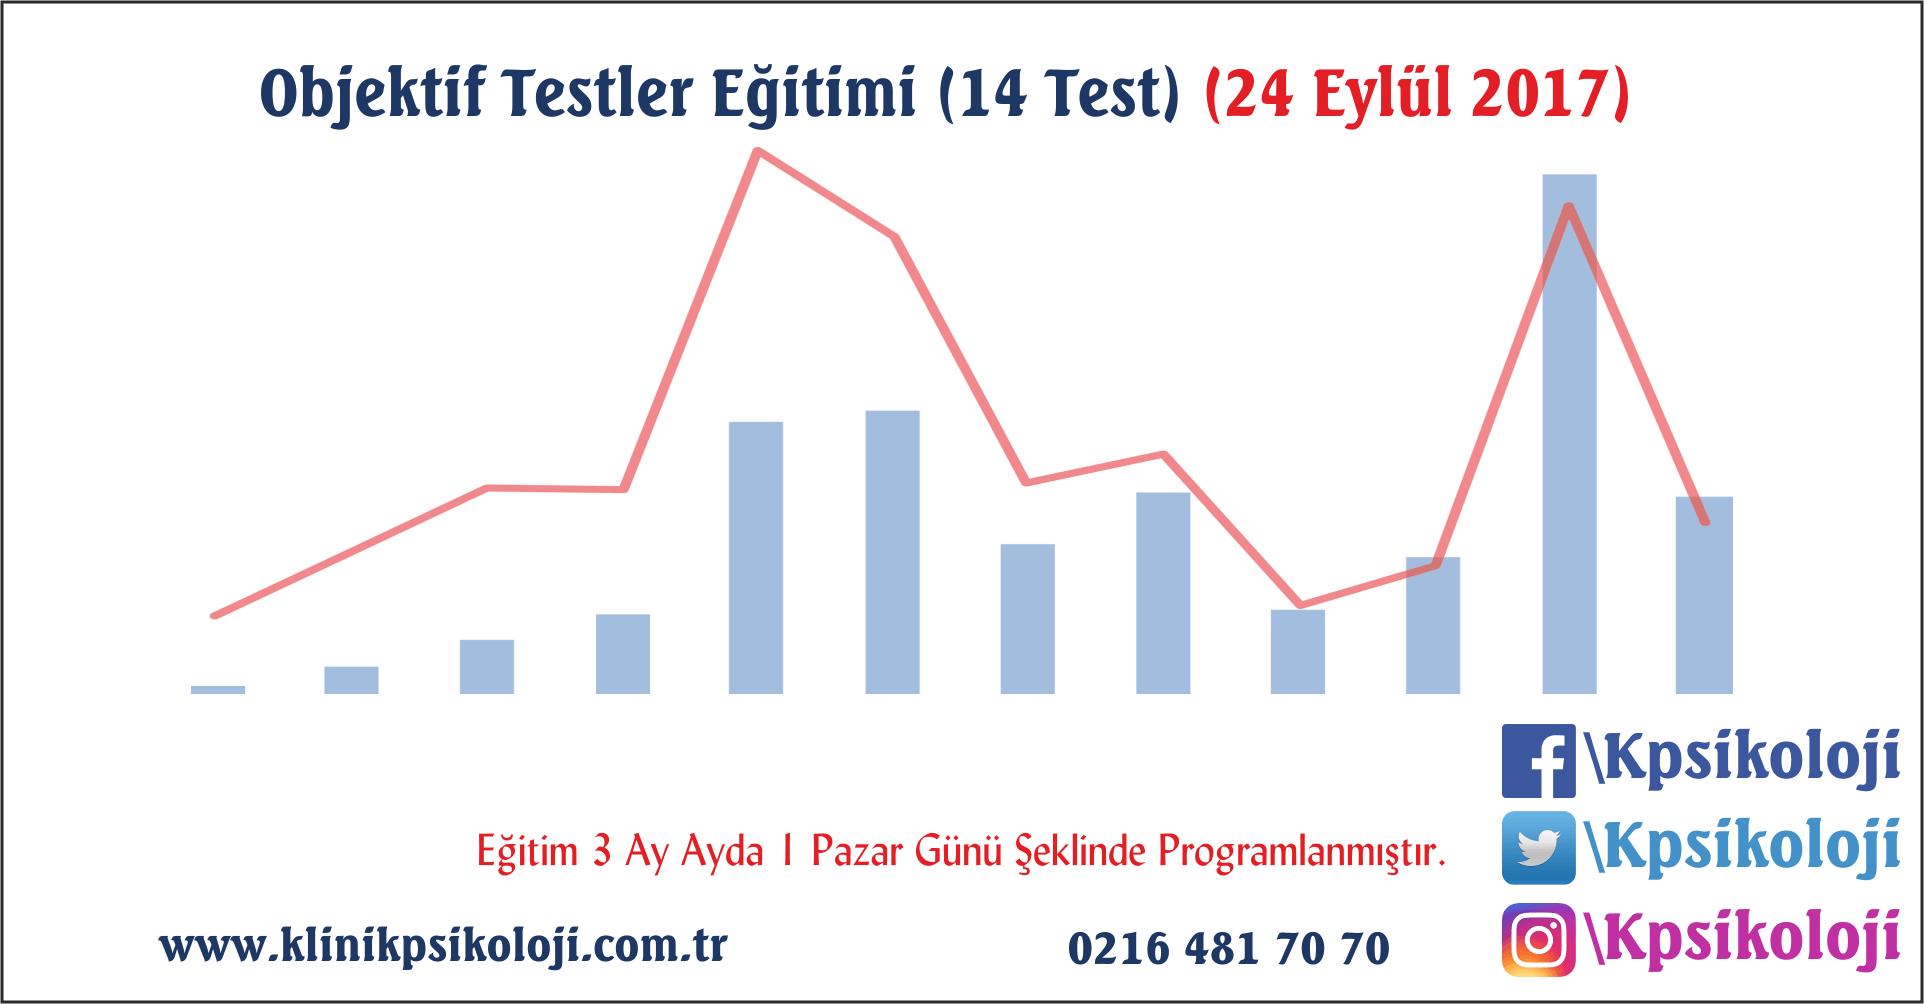 Objektif Testler Eğitimi (14 Test) (24 Eylül 2017)